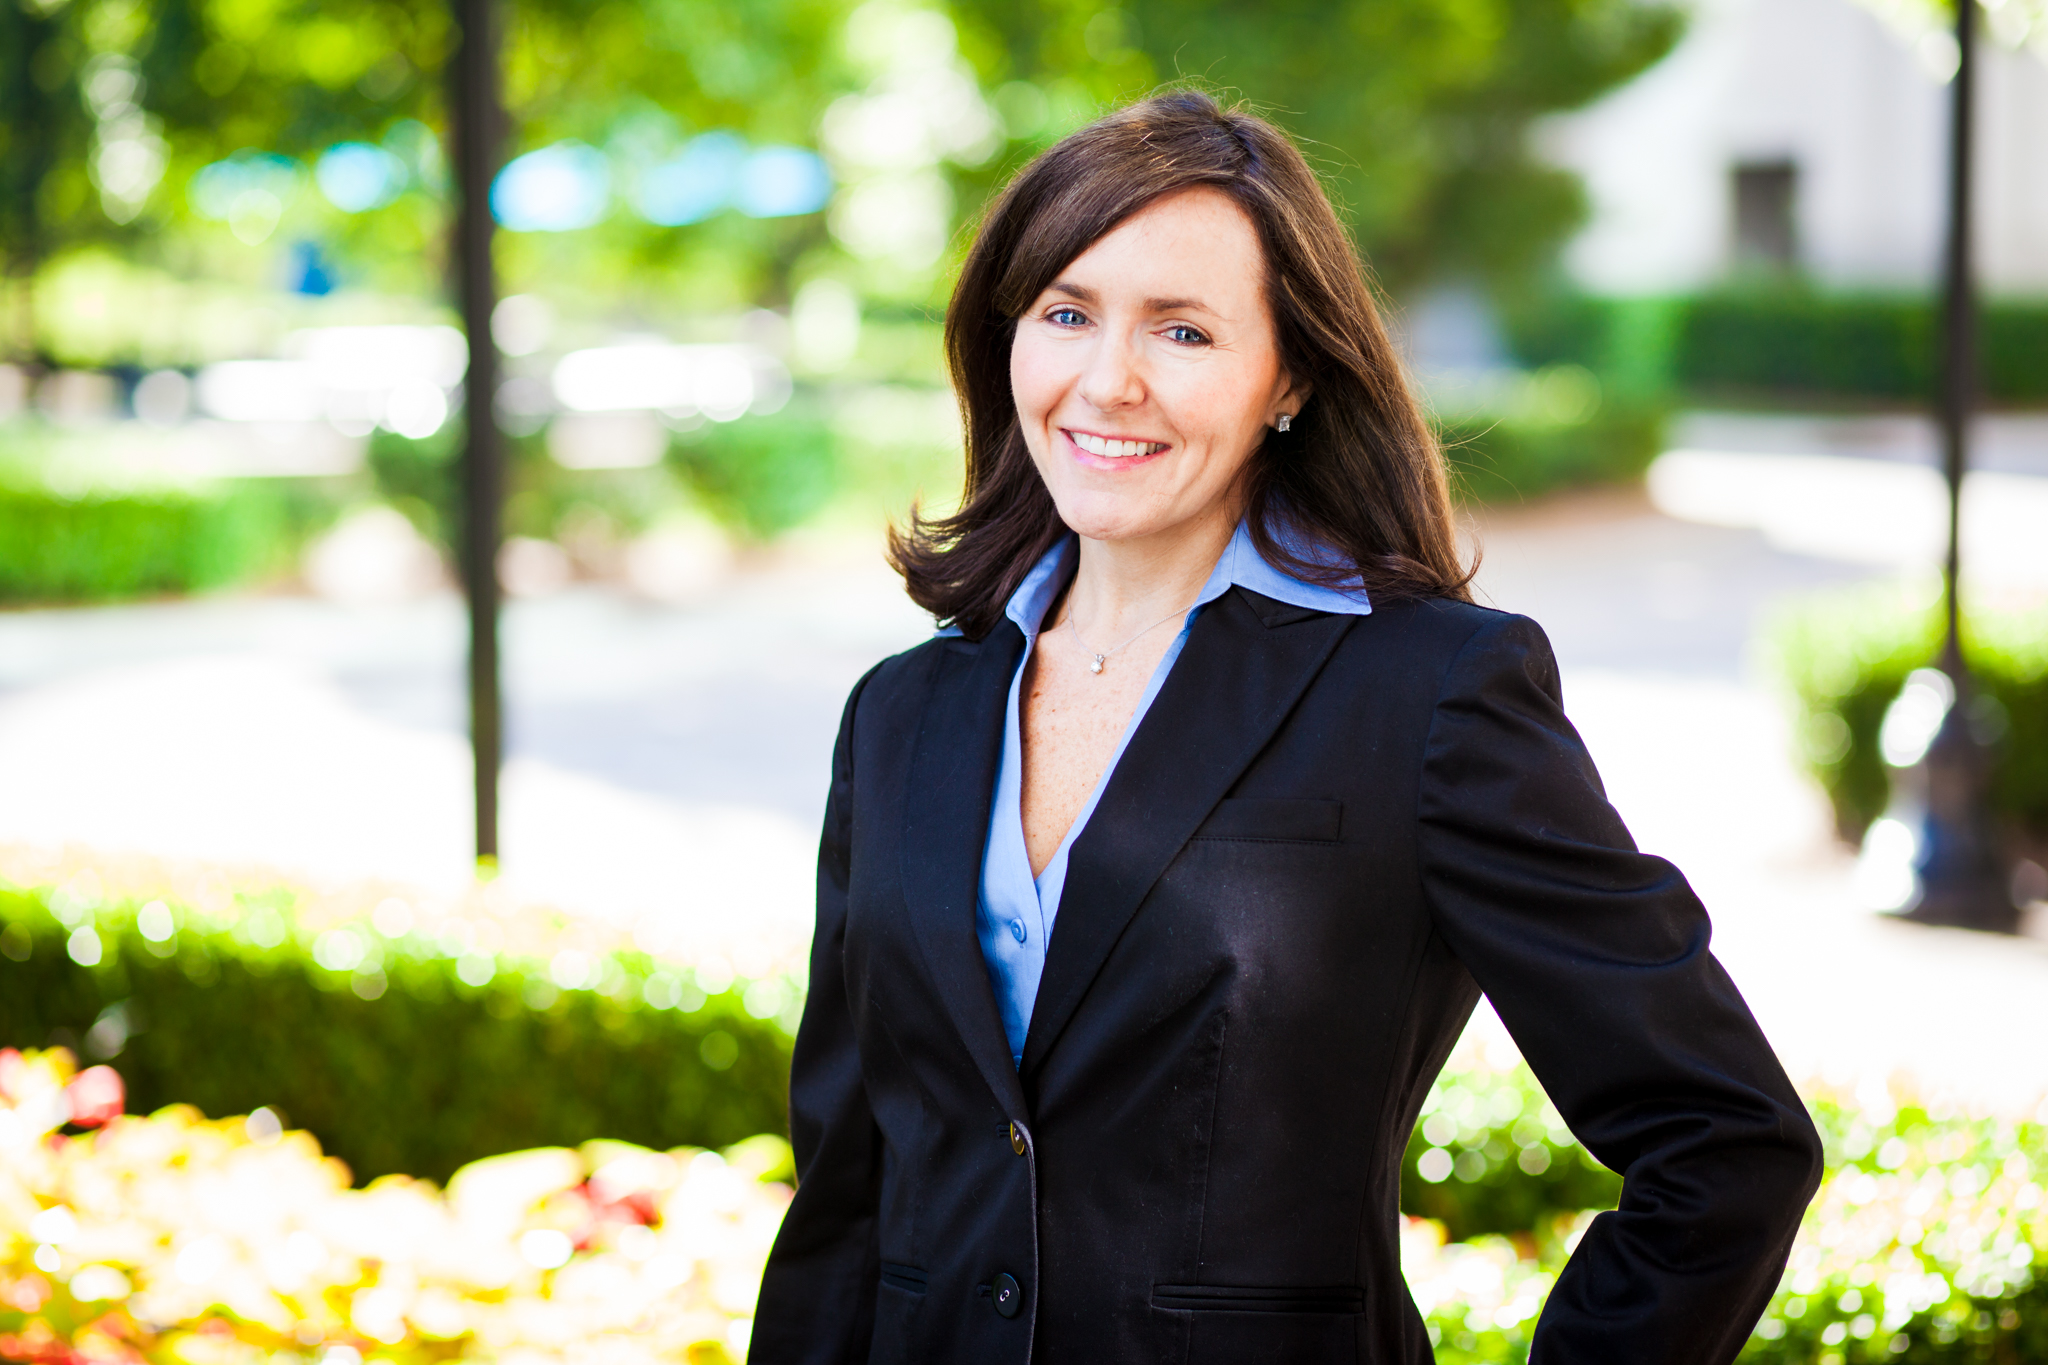 Christie Espin